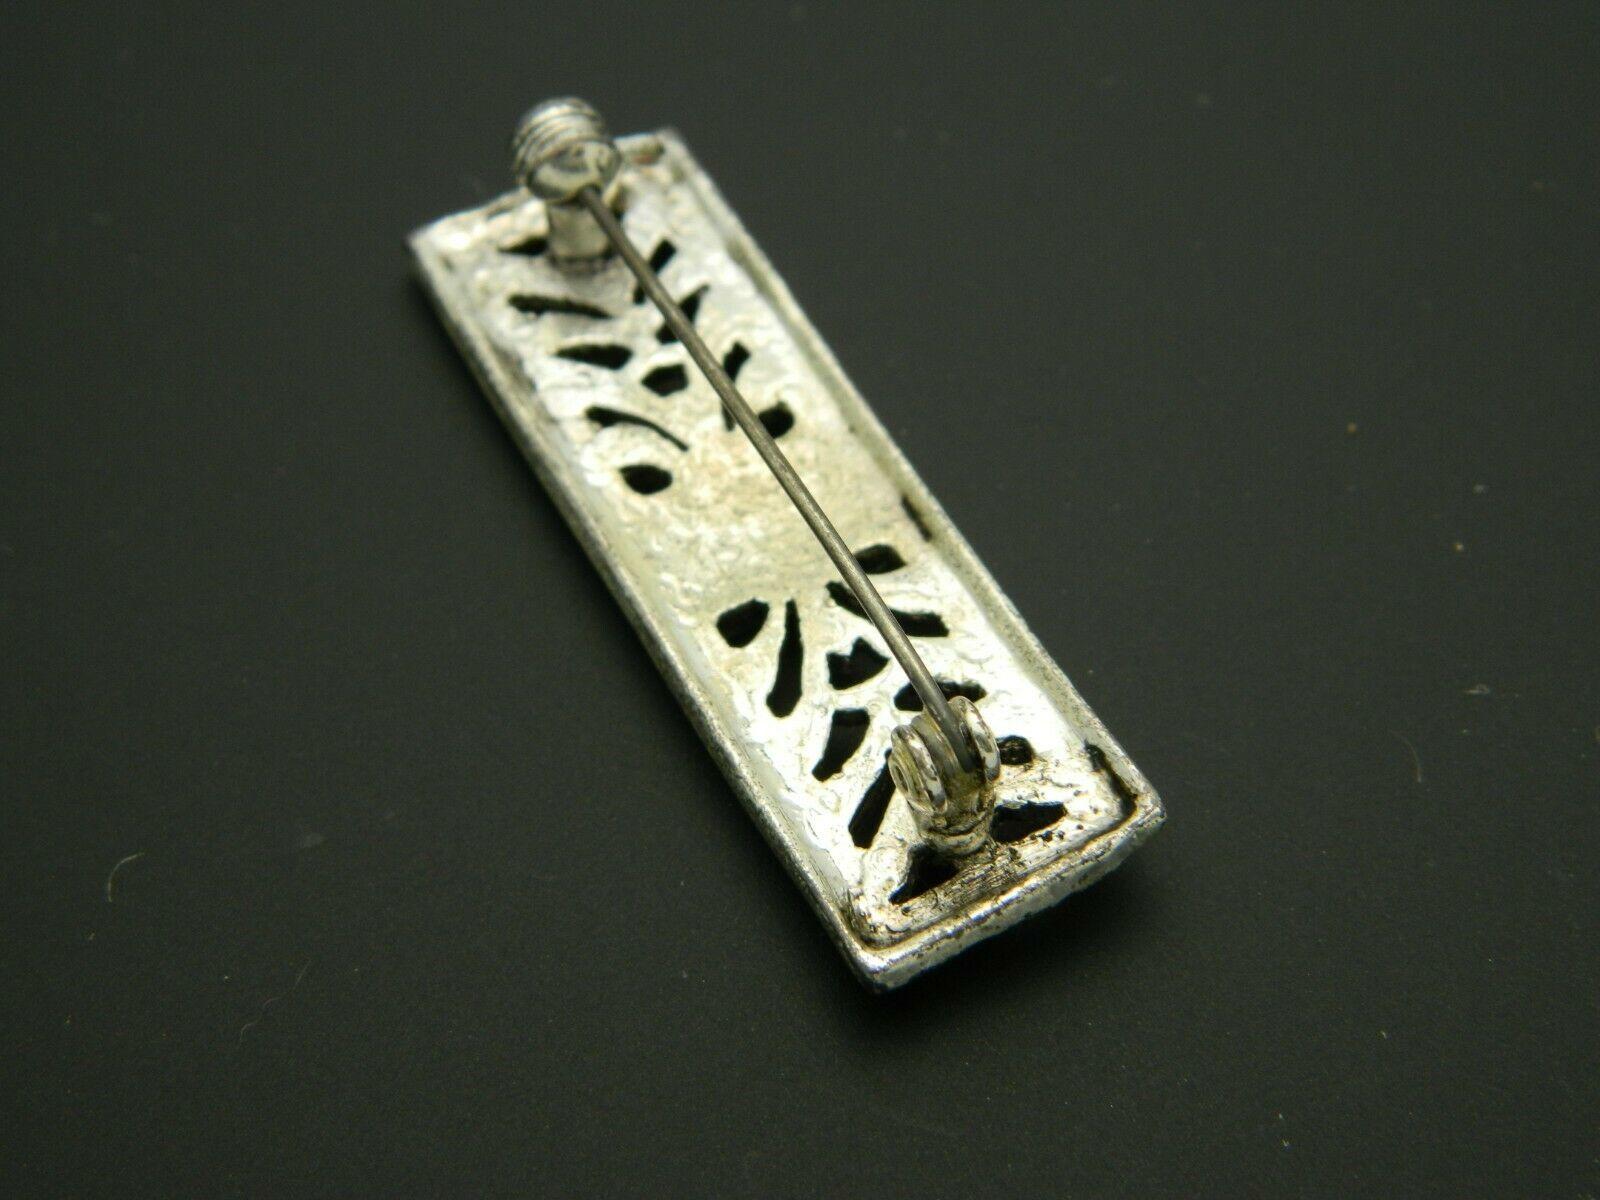 Art Nouveau Style Faux Marcasite Silver Tone Floral Pin Brooch Vintage image 4